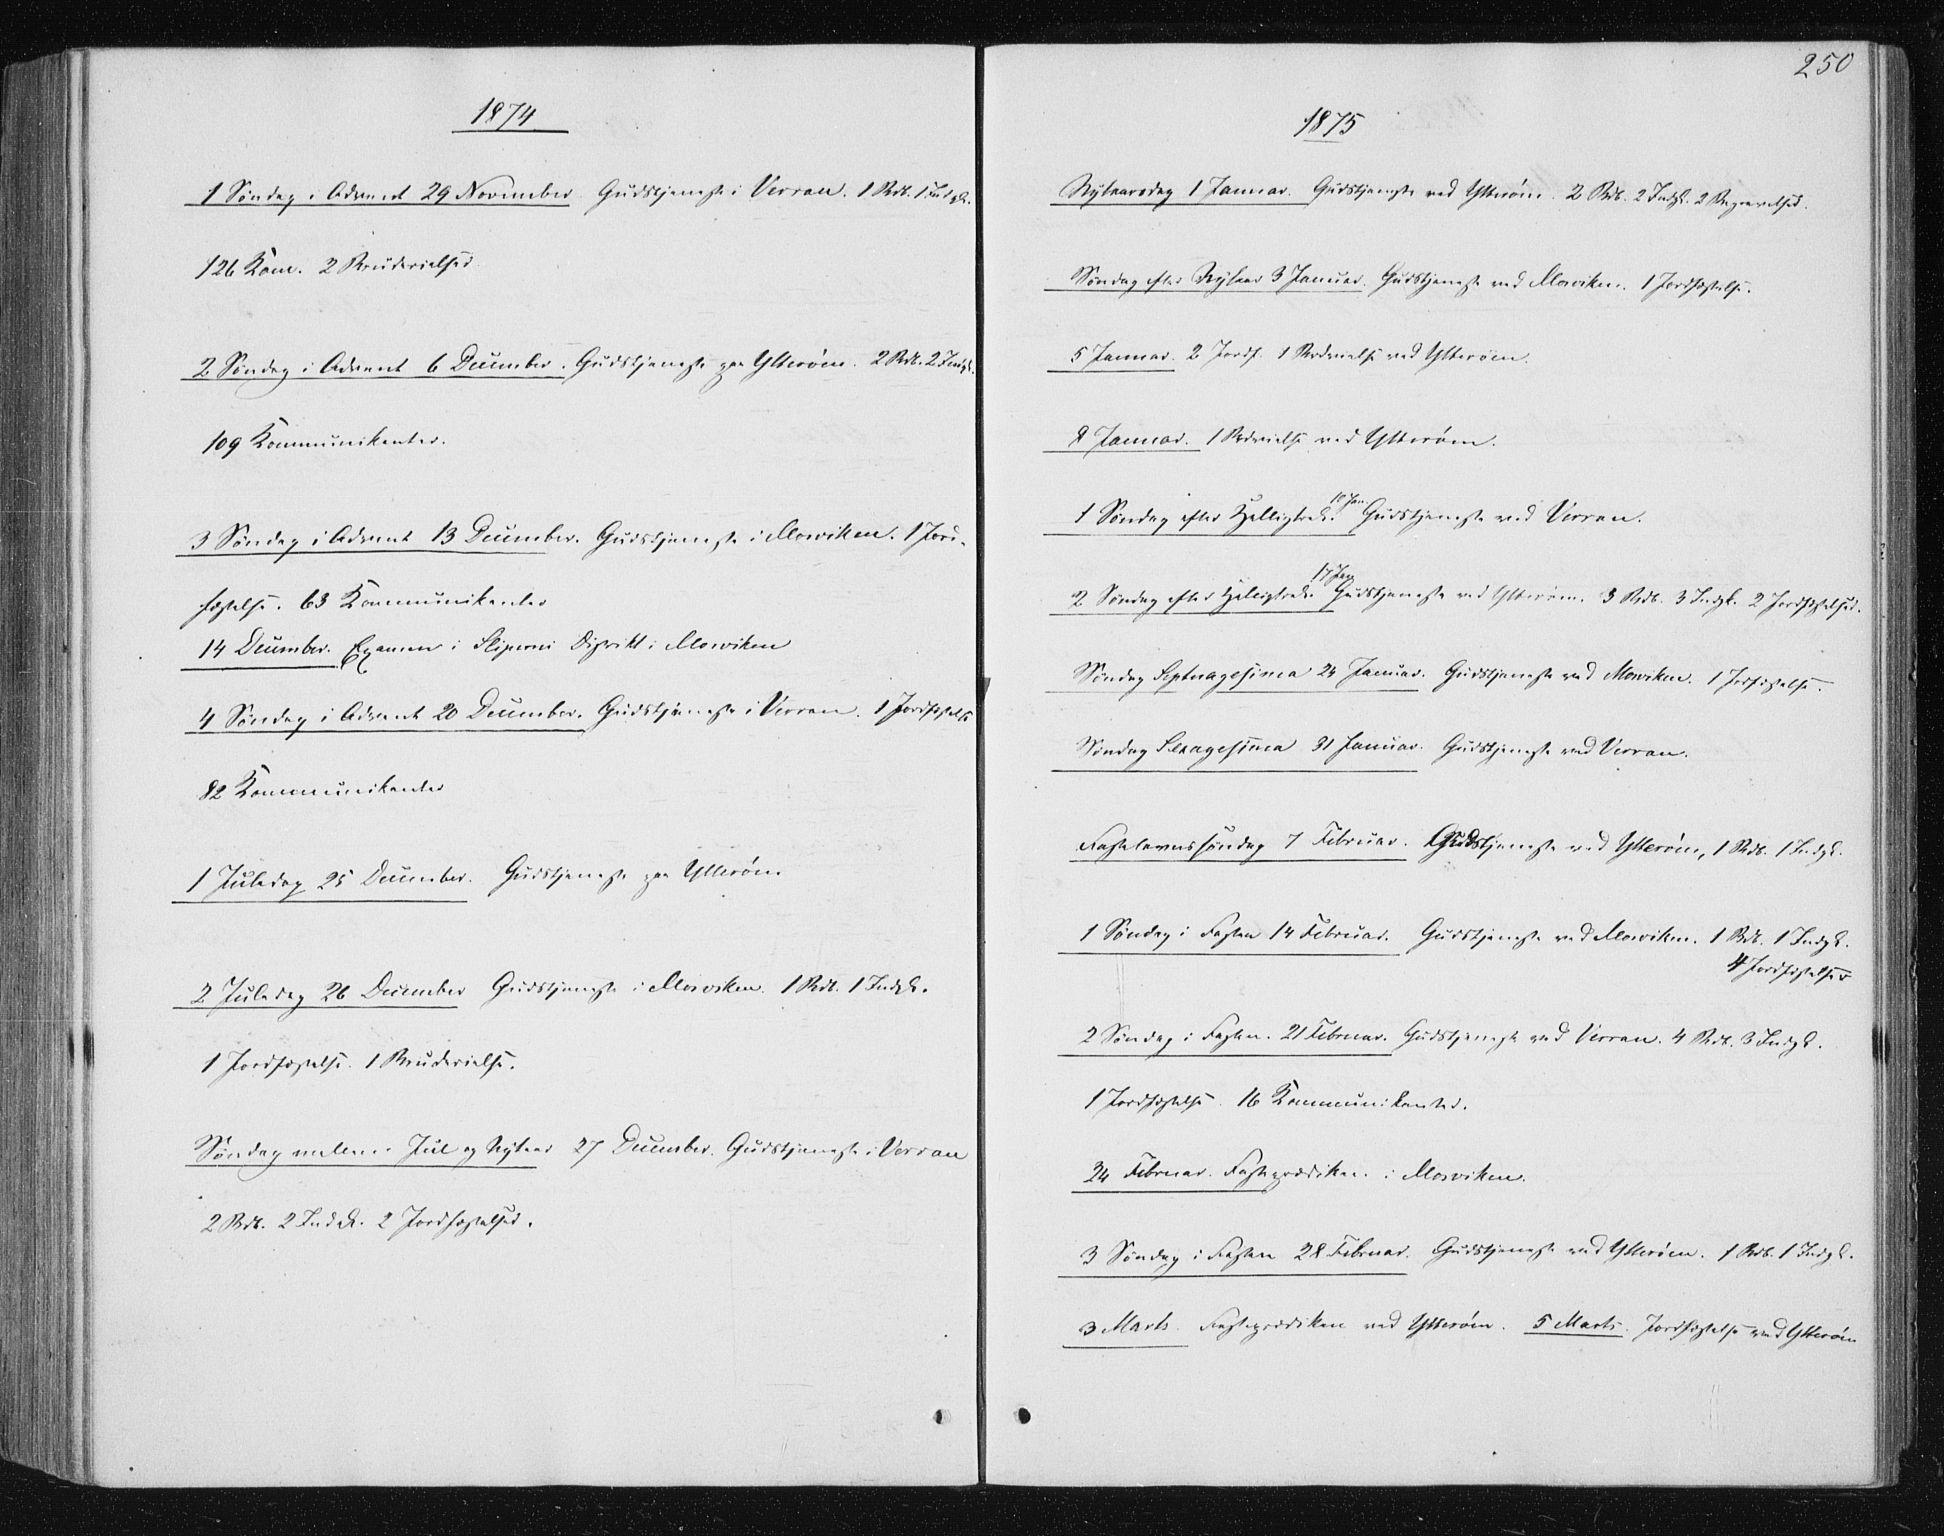 SAT, Ministerialprotokoller, klokkerbøker og fødselsregistre - Nord-Trøndelag, 722/L0219: Ministerialbok nr. 722A06, 1868-1880, s. 250